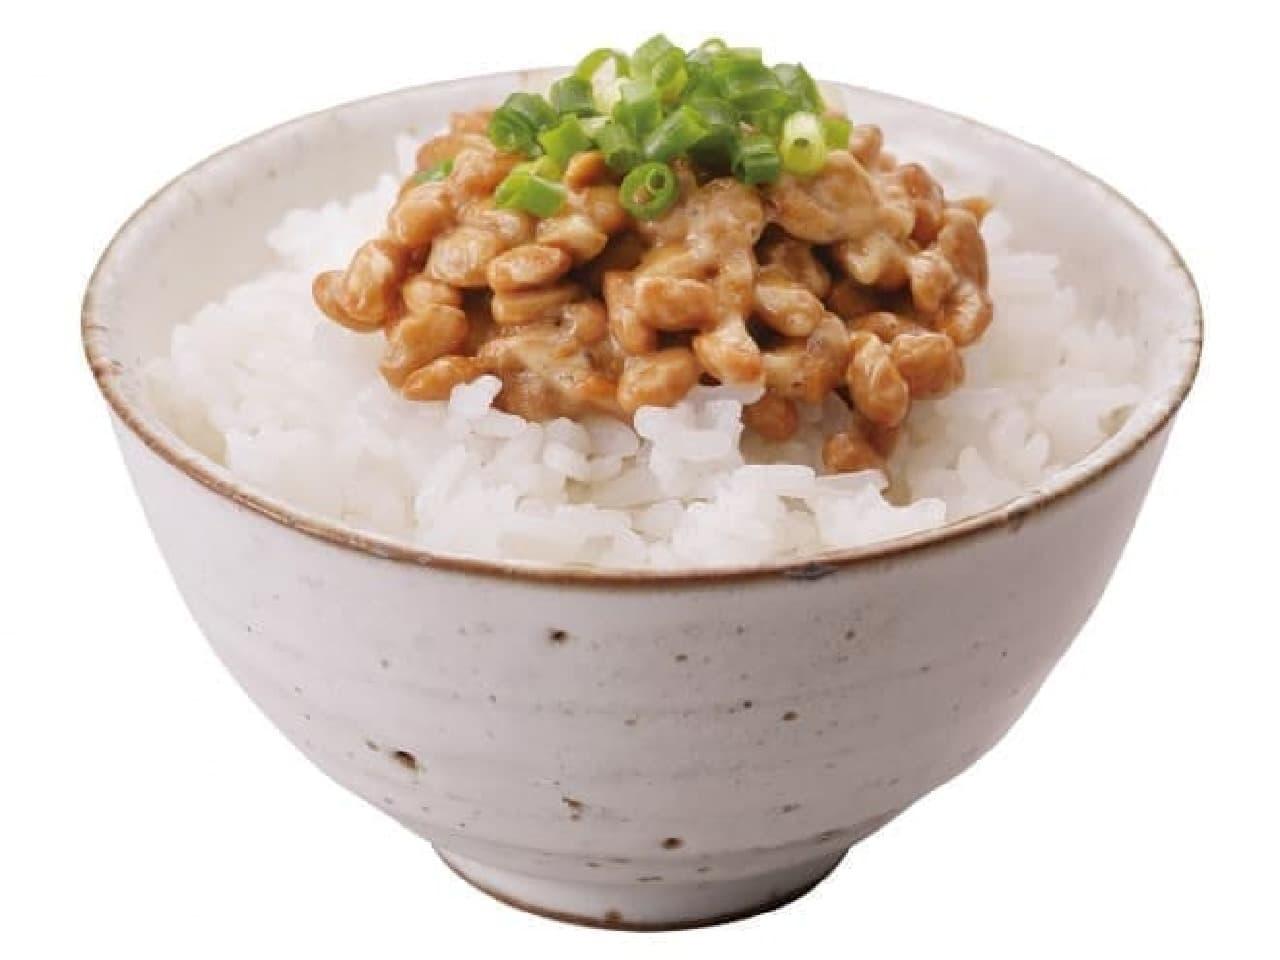 納豆を混ぜるためだけに開発されたクッキングトイ「究極のNTO」